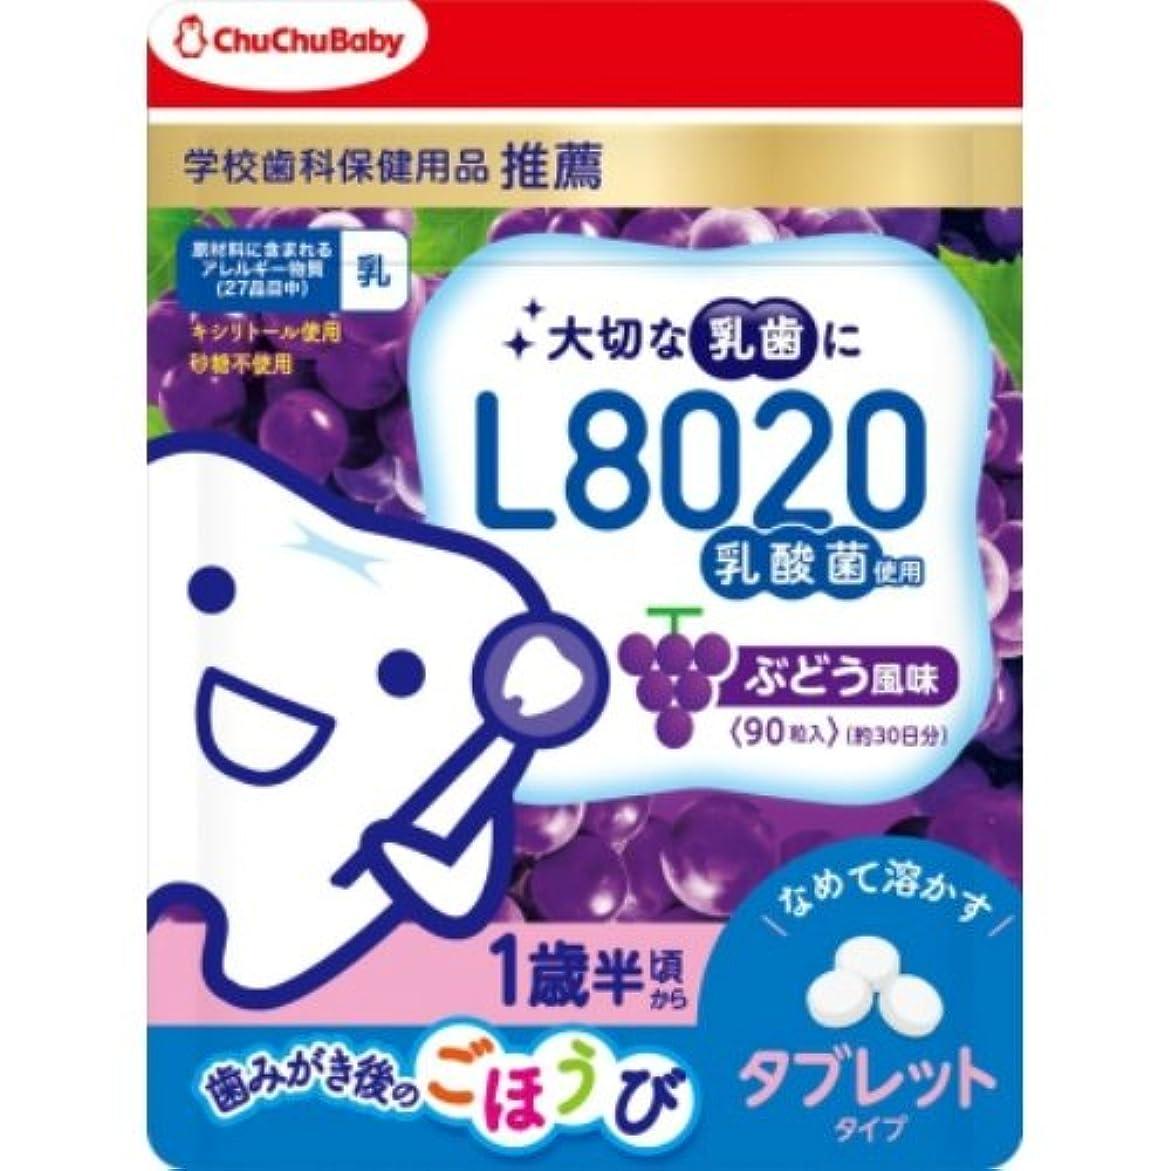 お酢断言する外科医L8020乳酸菌チュチュベビータブレットぶどう風味 × 5個セット